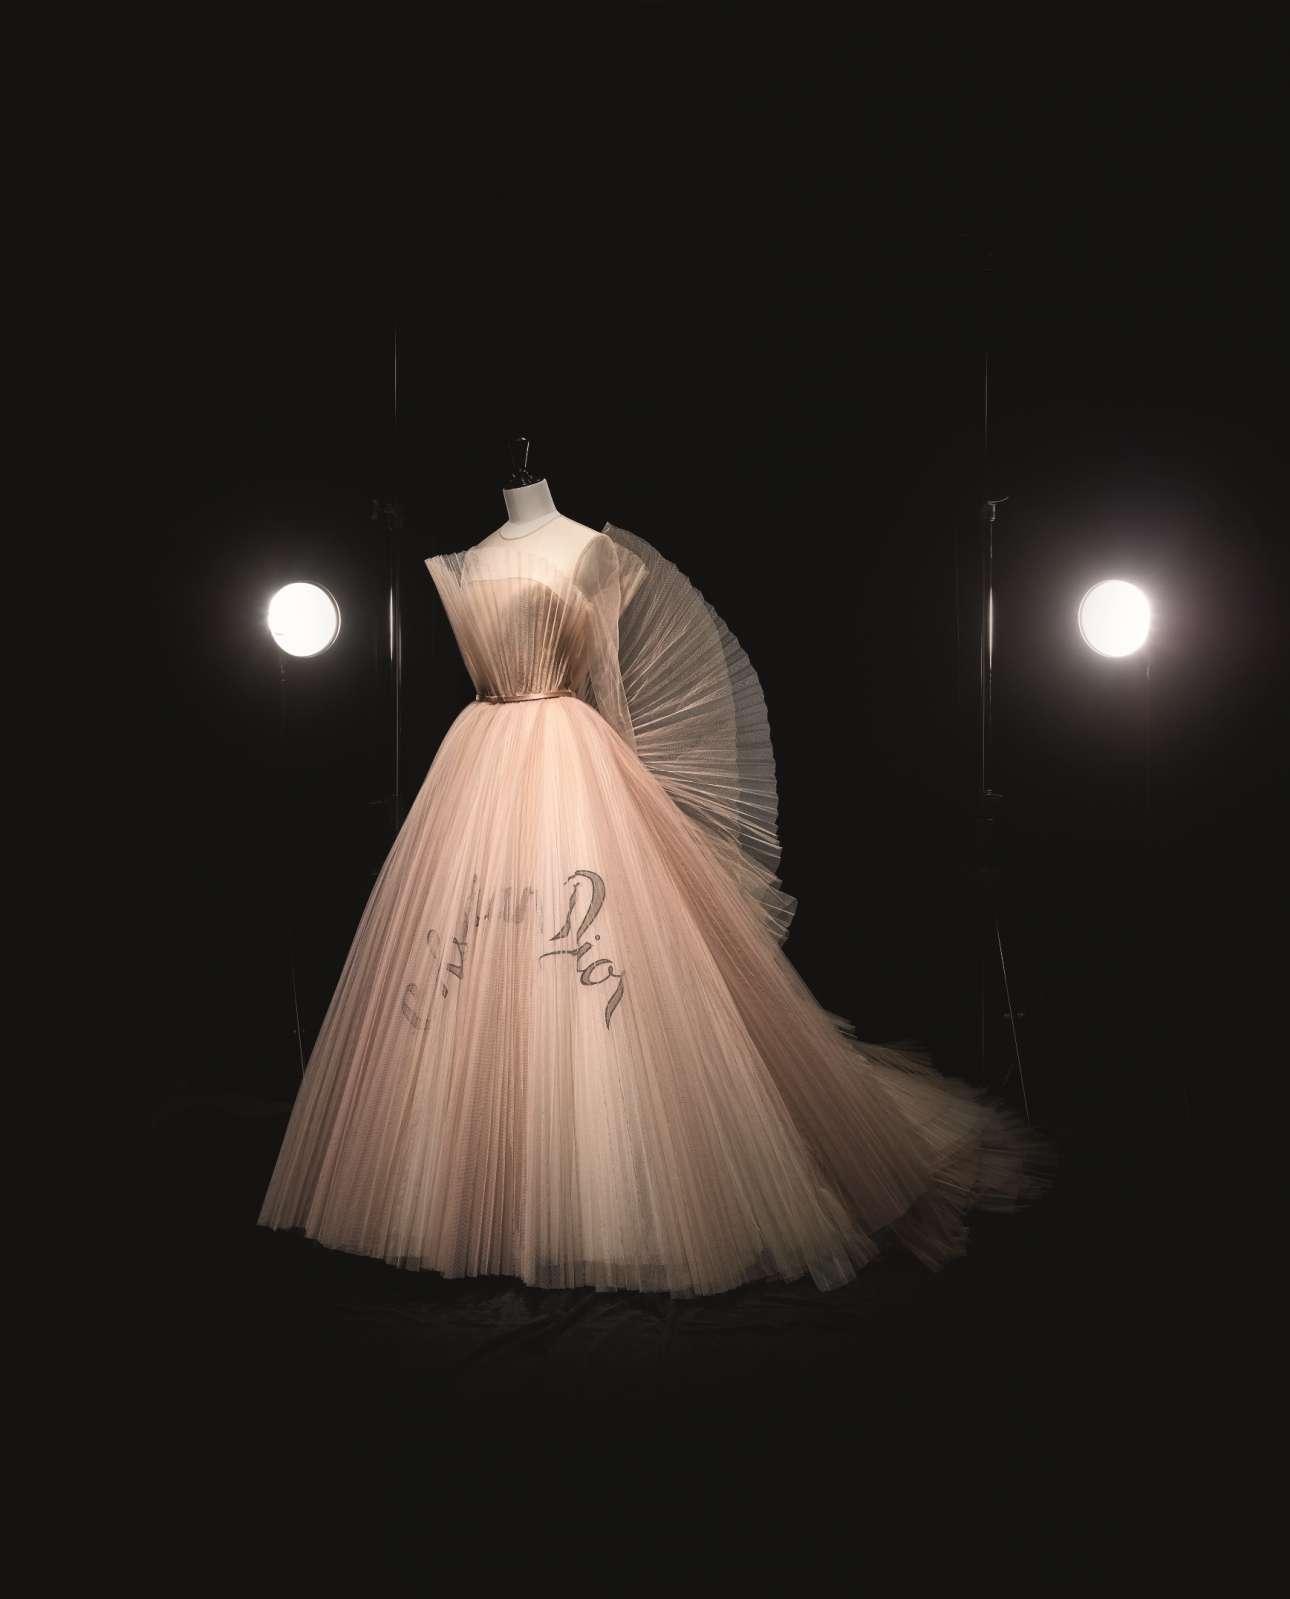 Η πρώτη γυναίκα σχεδιάστρια στην ιστορία του θρυλικού οίκου, η Μαρία Γκράτσια Κιουρί, σχεδίασε ένα υπέροχο ρομαντικό φόρεμα για τη συλλογή Ανοιξη/Καλοκαίρι του 2018